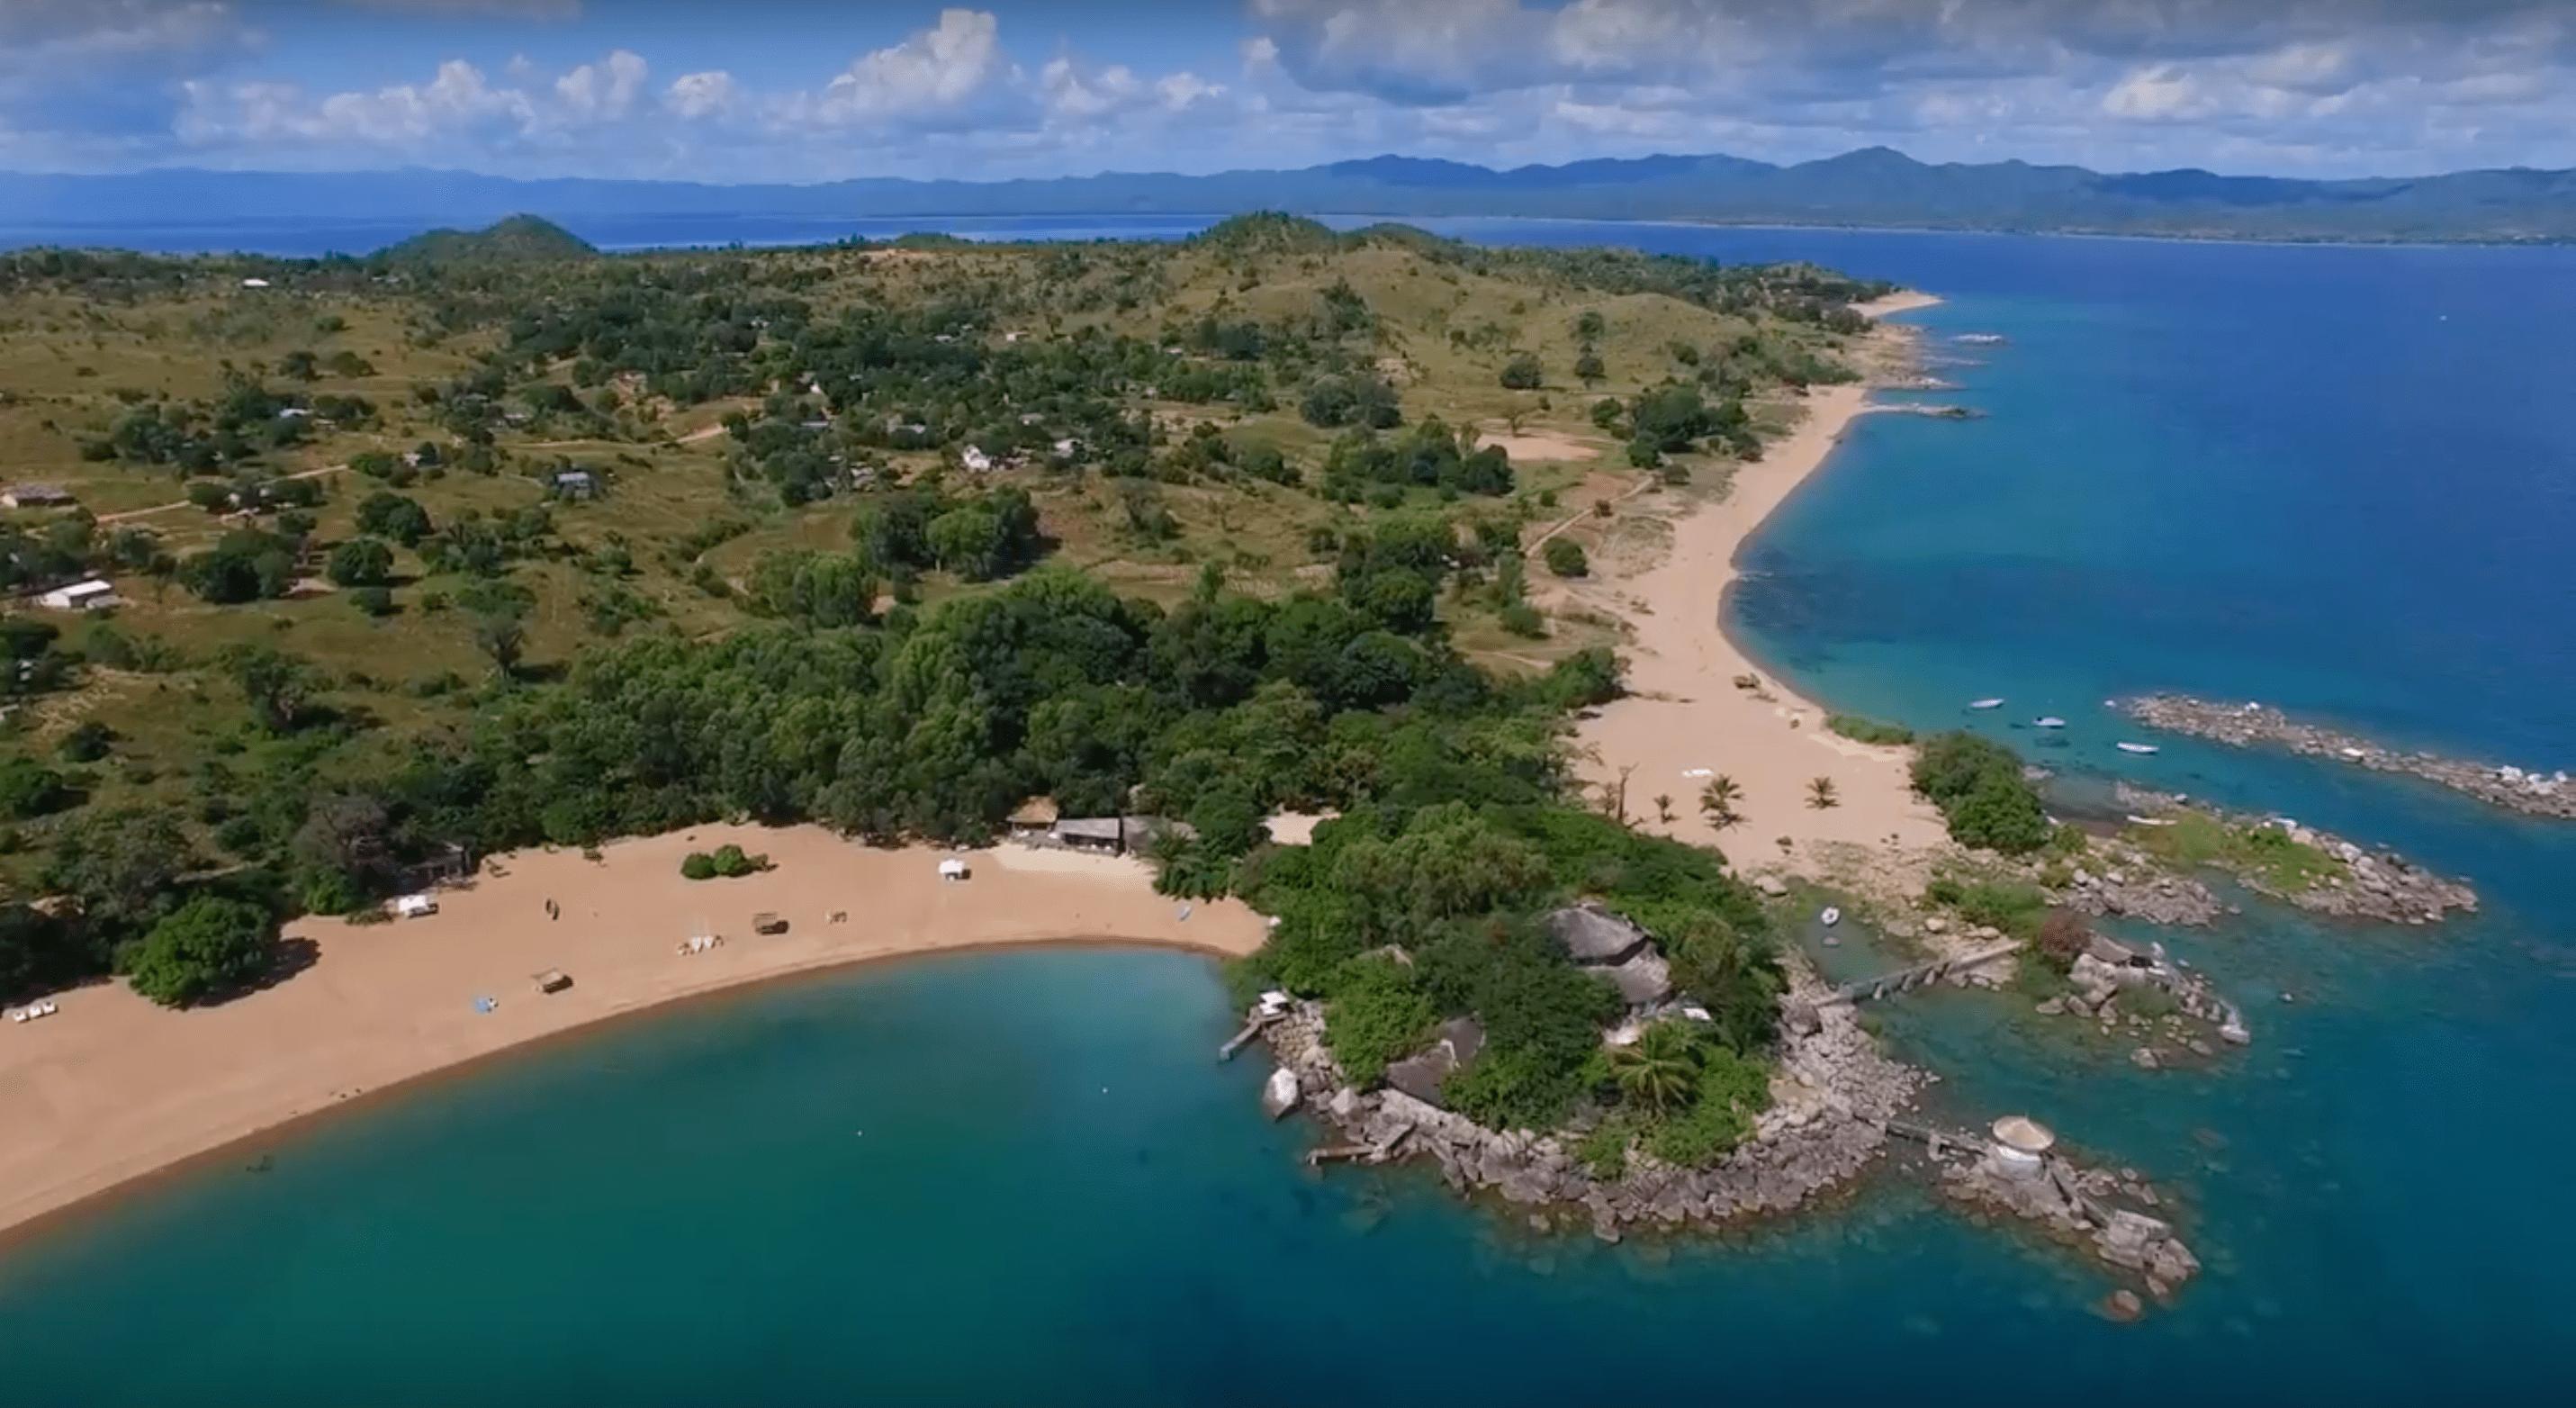 Likoma Island, Malawi.